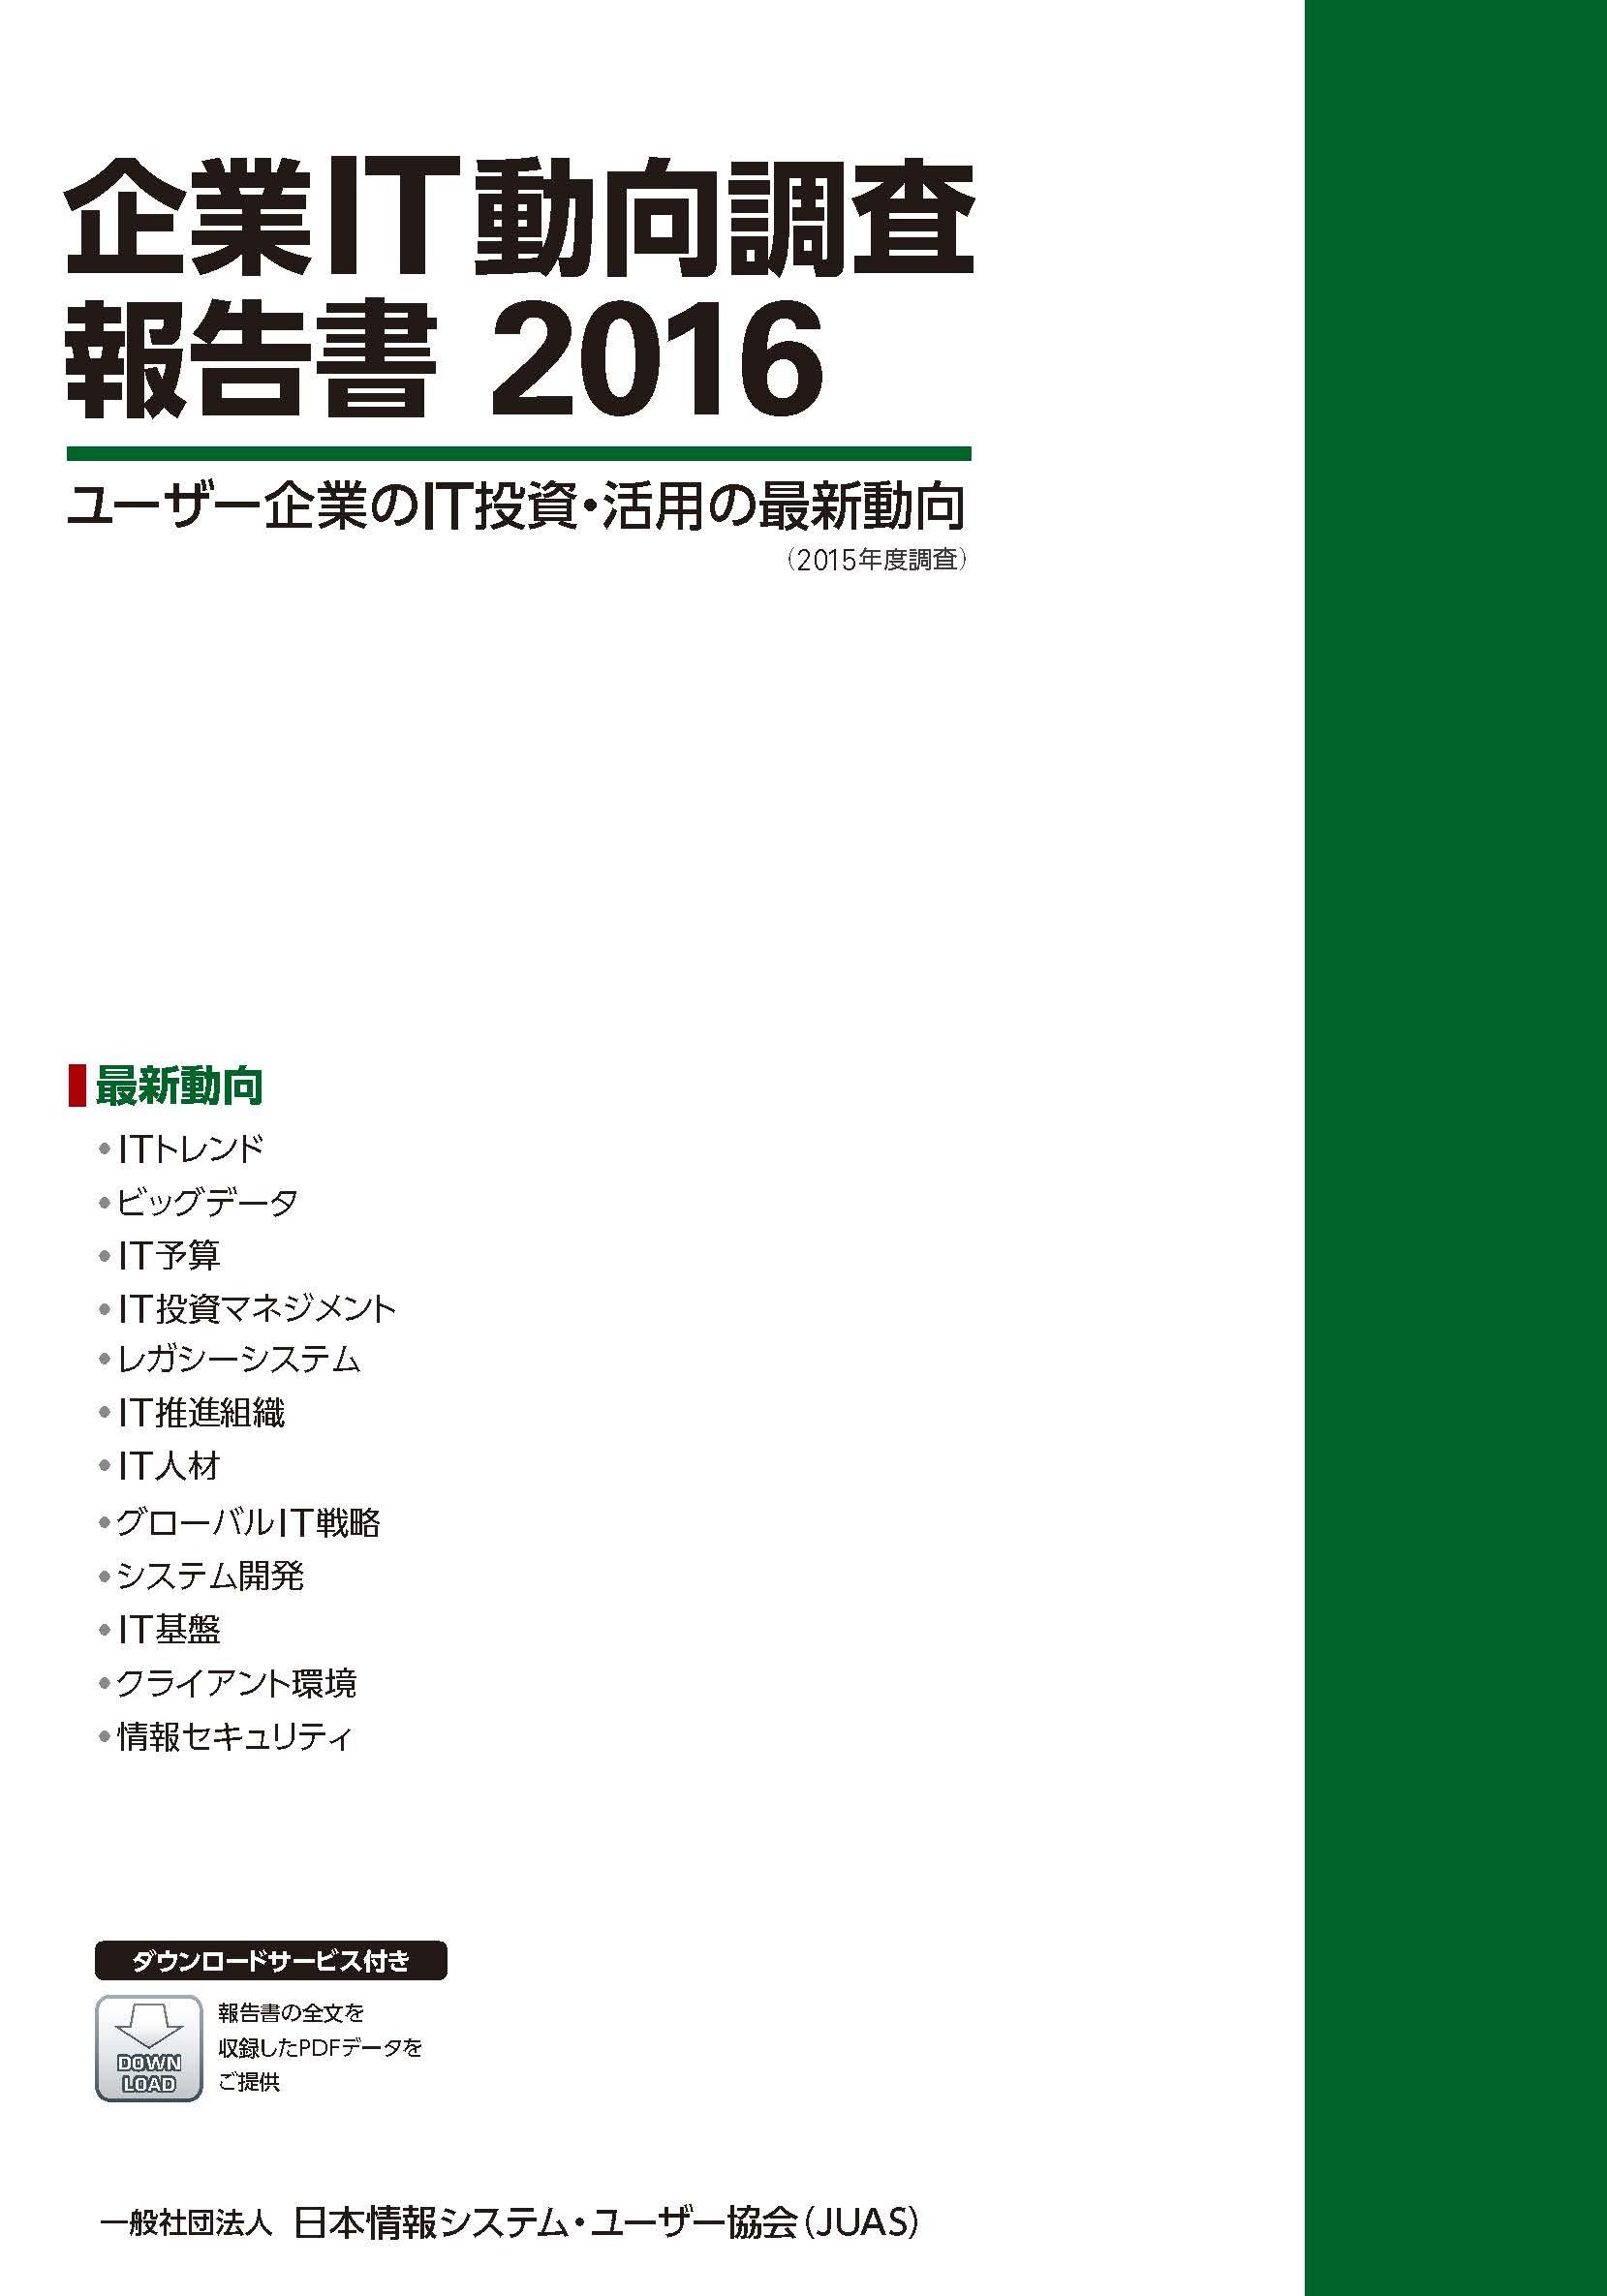 企業IT動向調査報告書 2016